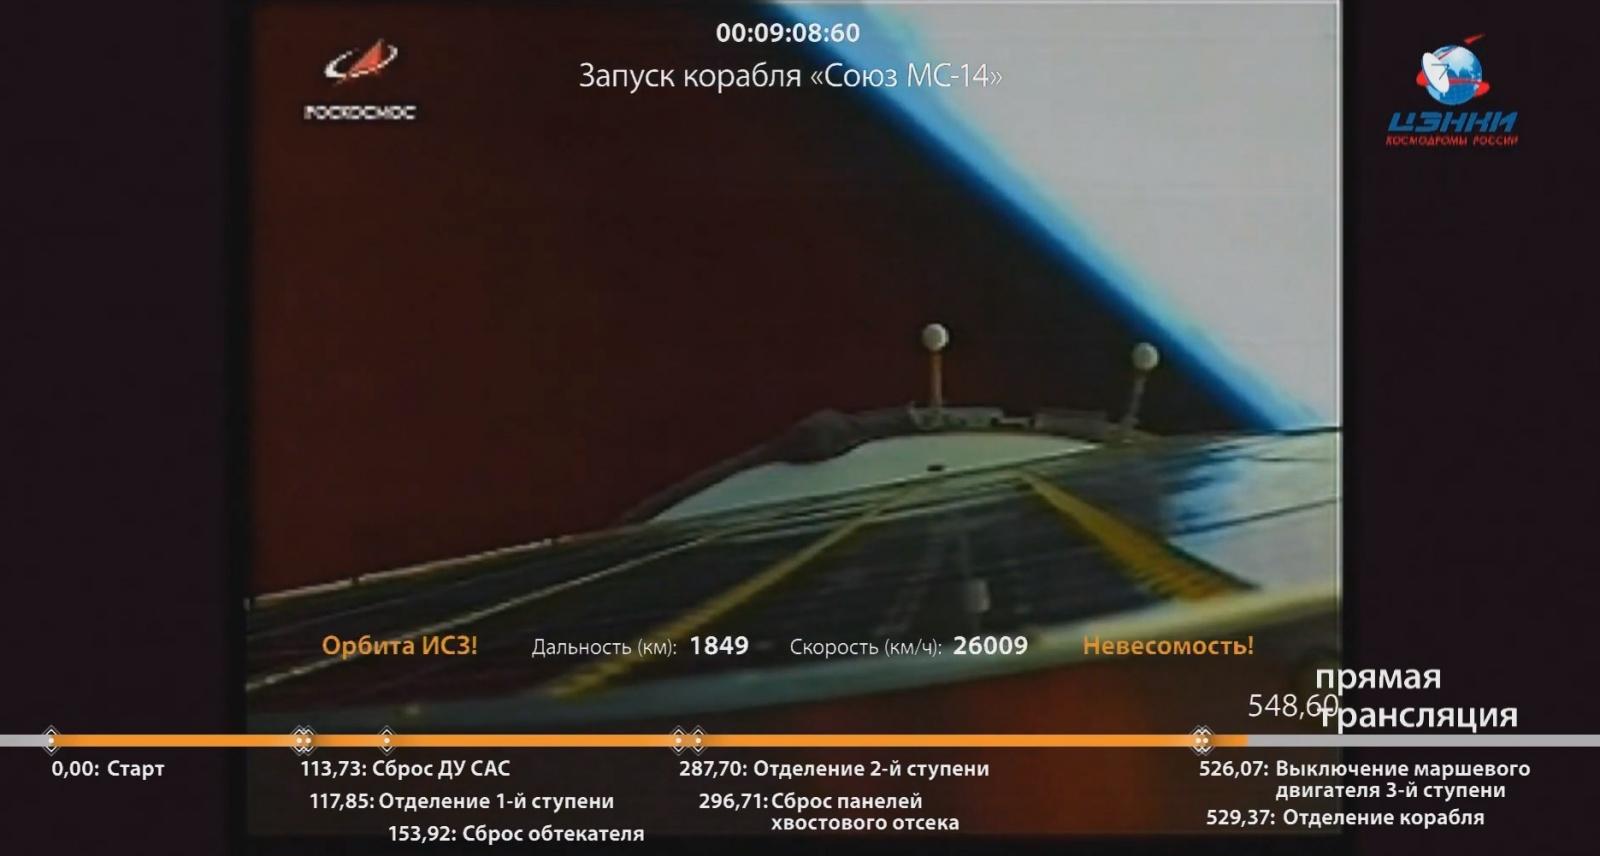 Успешно запущен на орбиту корабль «Союз МС-14» с роботом FEDOR (Skybot F-850) - 4